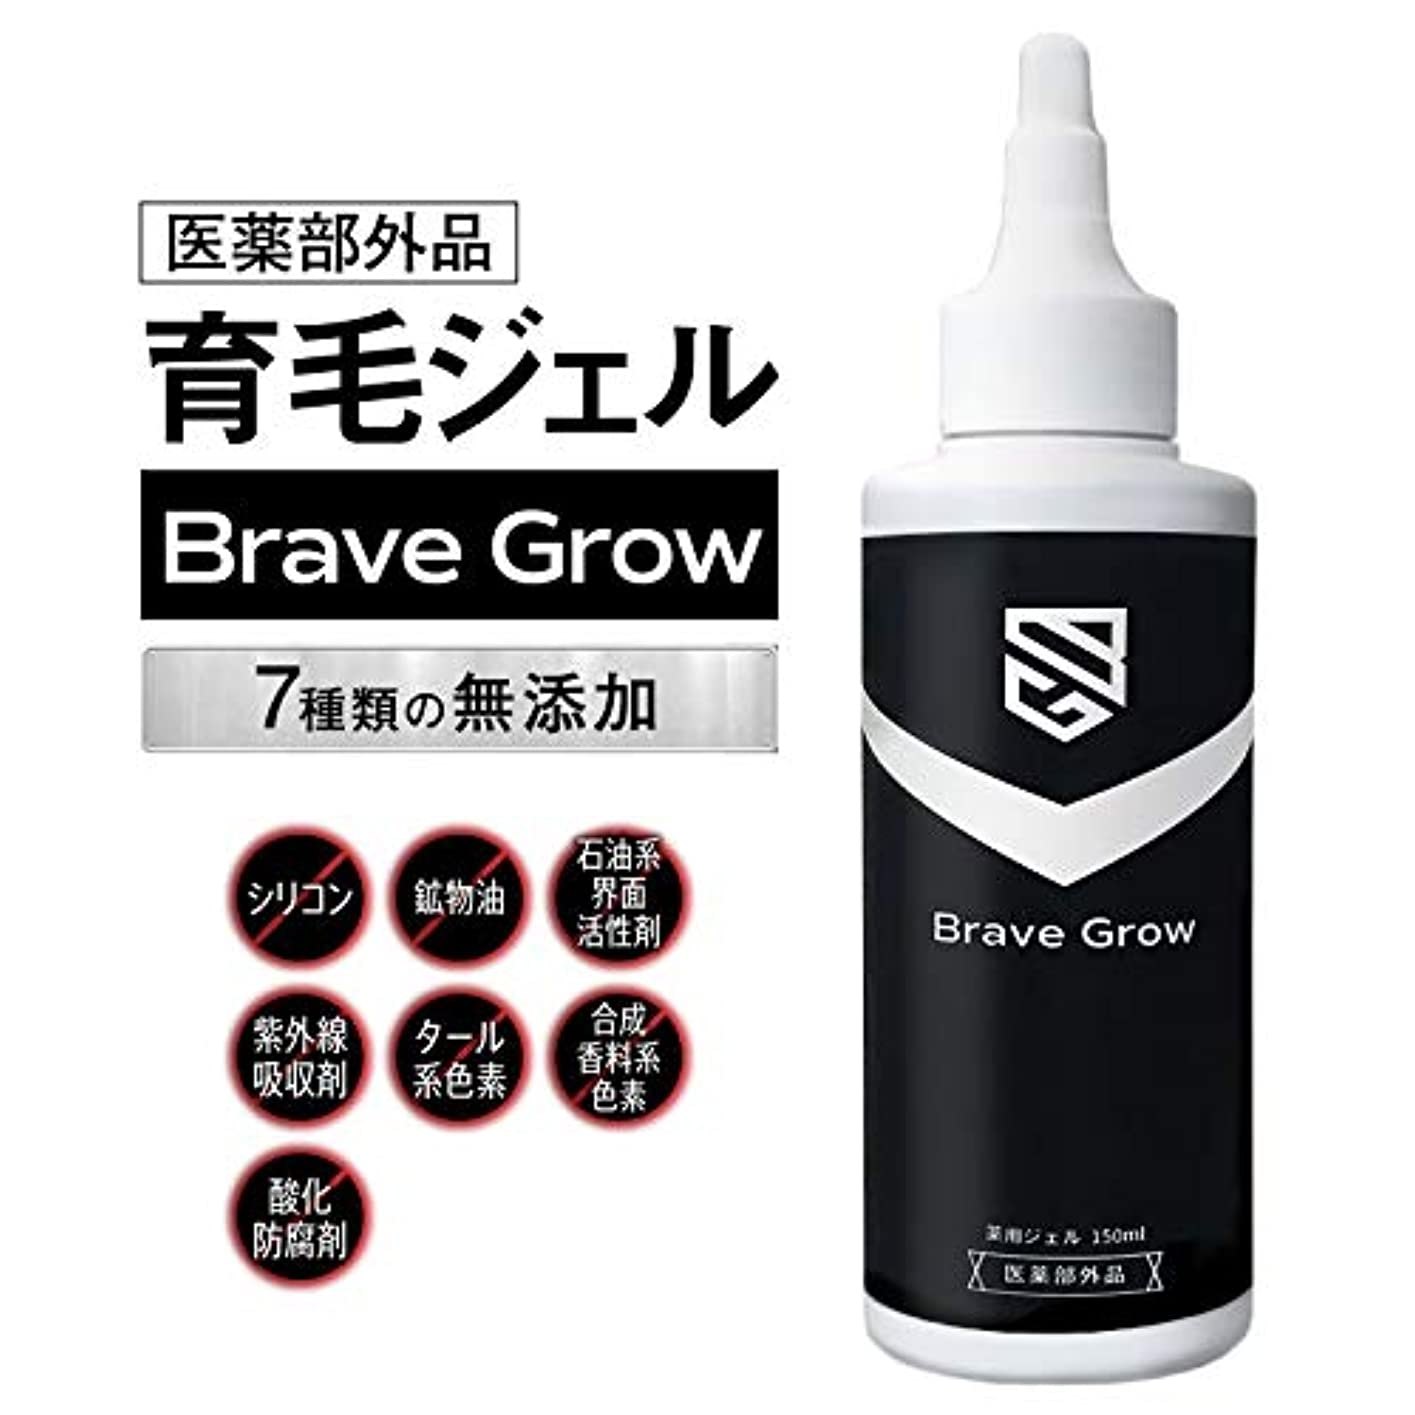 スリム検査官水没育毛剤 BraveGrow ブレイブグロー 150ml 【医薬部外品】ジェルタイプ 男性